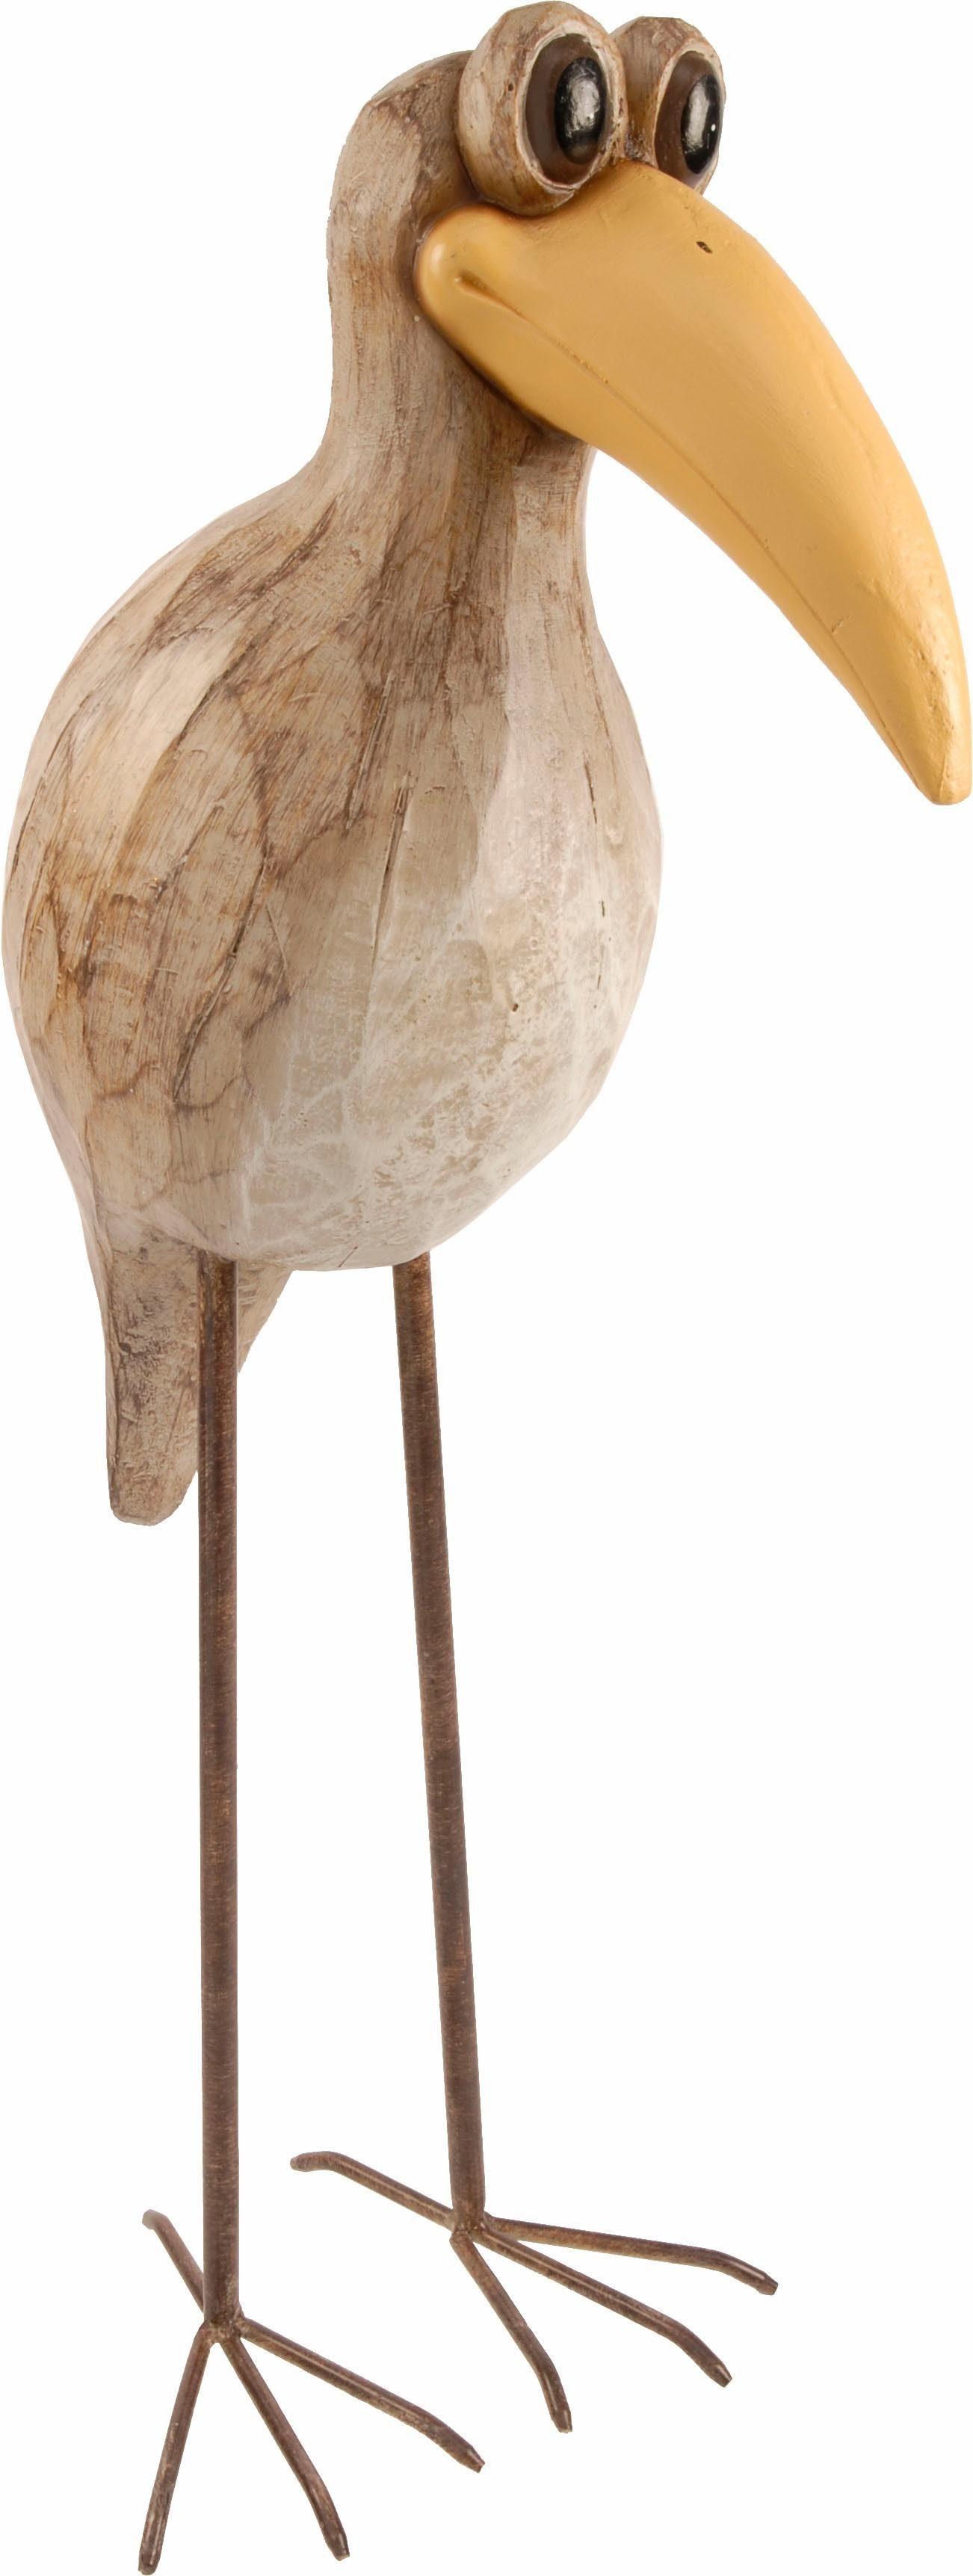 Home affaire Dekofigur »Vogel 63 cm«